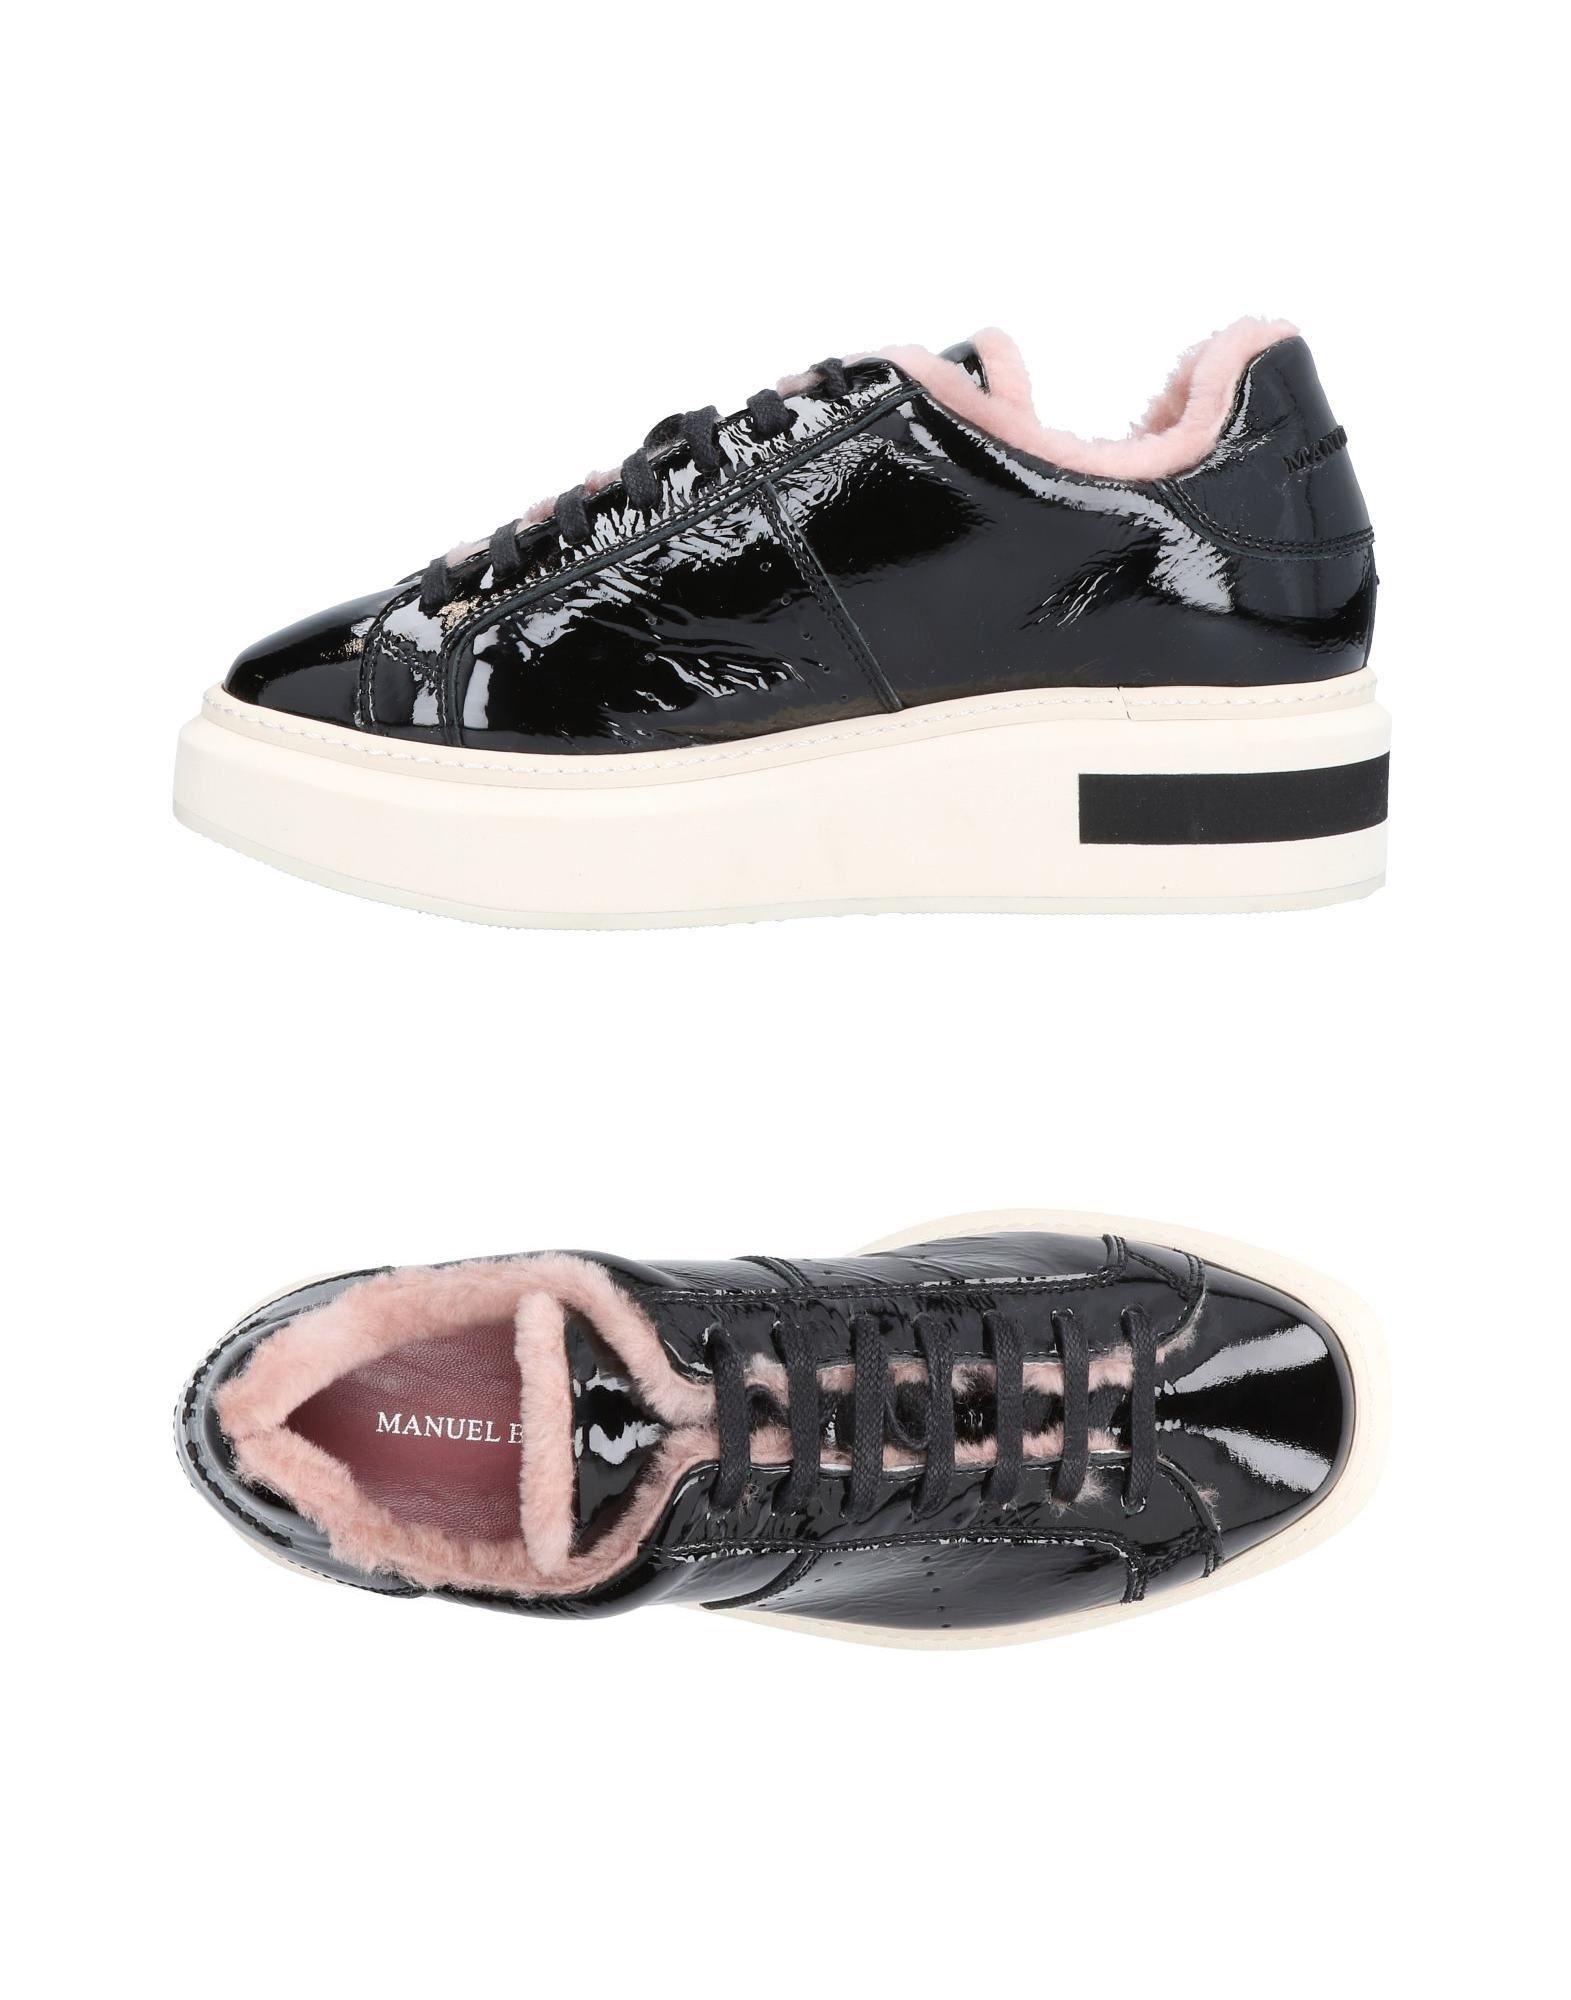 Manuel Barceló Sneakers Damen  Schuhe 11482174RK Gute Qualität beliebte Schuhe  a7c8f3